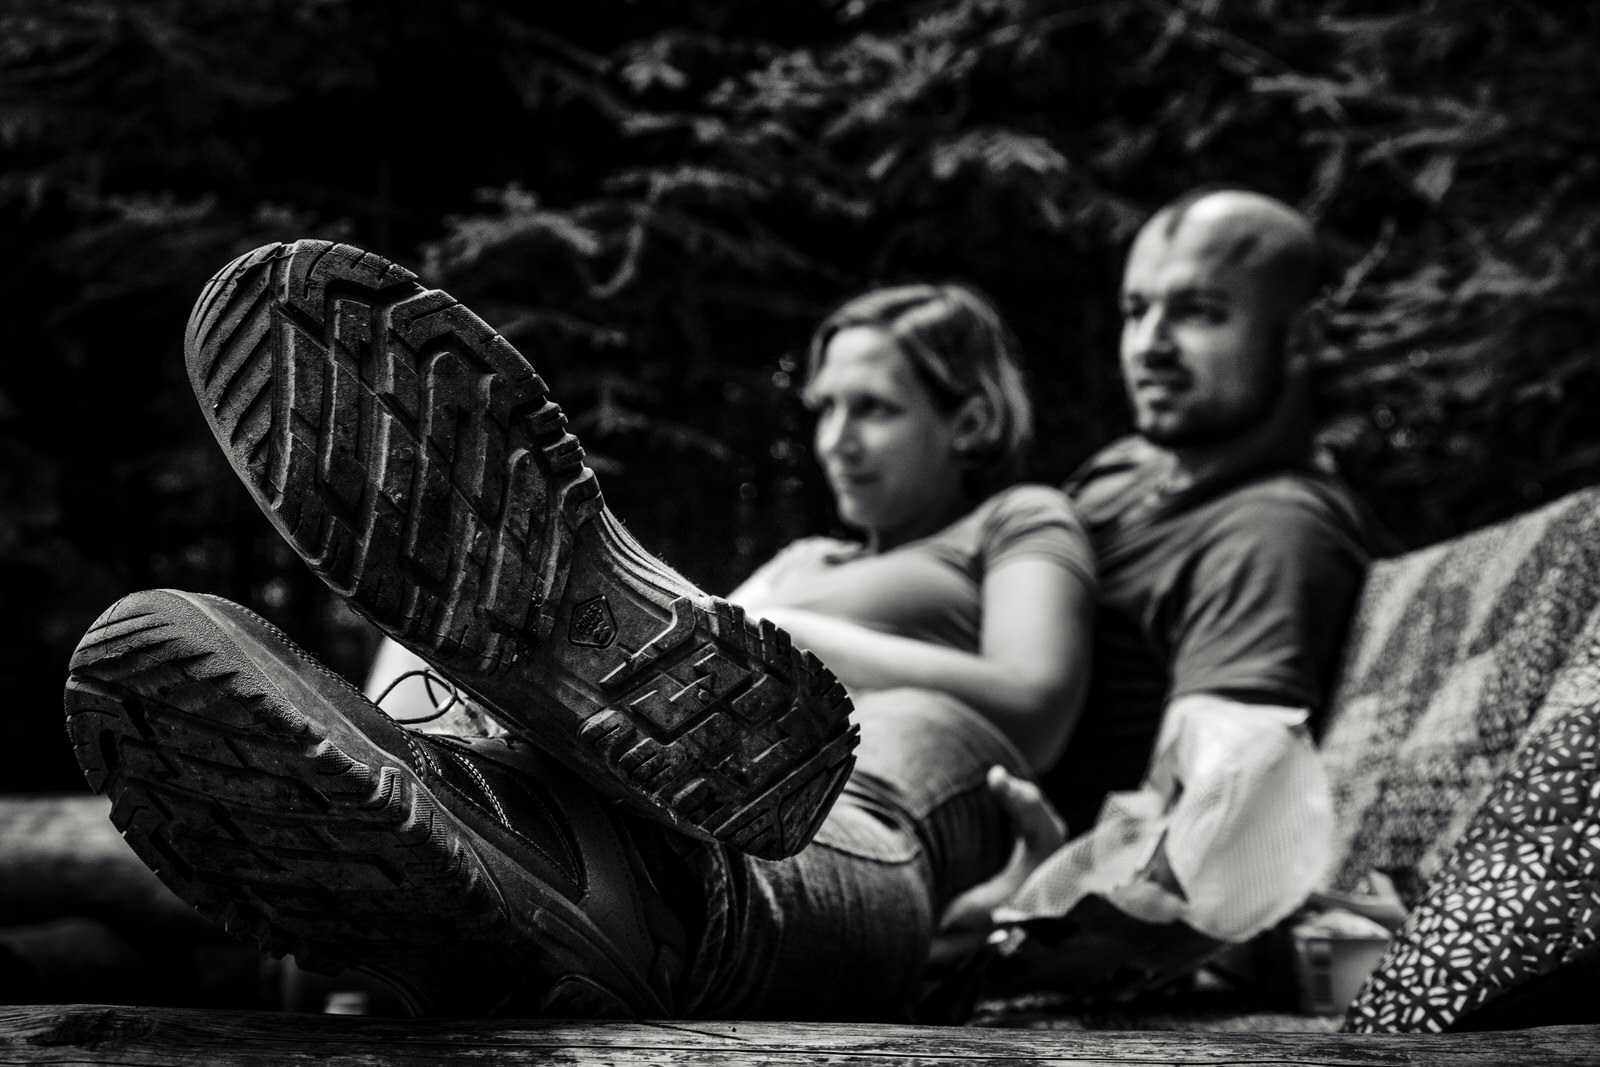 Eine Familienreportage im Schwarzwald während eines Campingurlaubes! Camping in Süddeutschland? Das ist im Schwarzwaldcamp am Schluchsee super möglich. Familienfotografin Julia Erz zeigt dokumentarische Familienfotos. Im Rahmen der dokumentarischen Familienfotografie entstehen herrlich wunderbar entspannte Familienfotos.